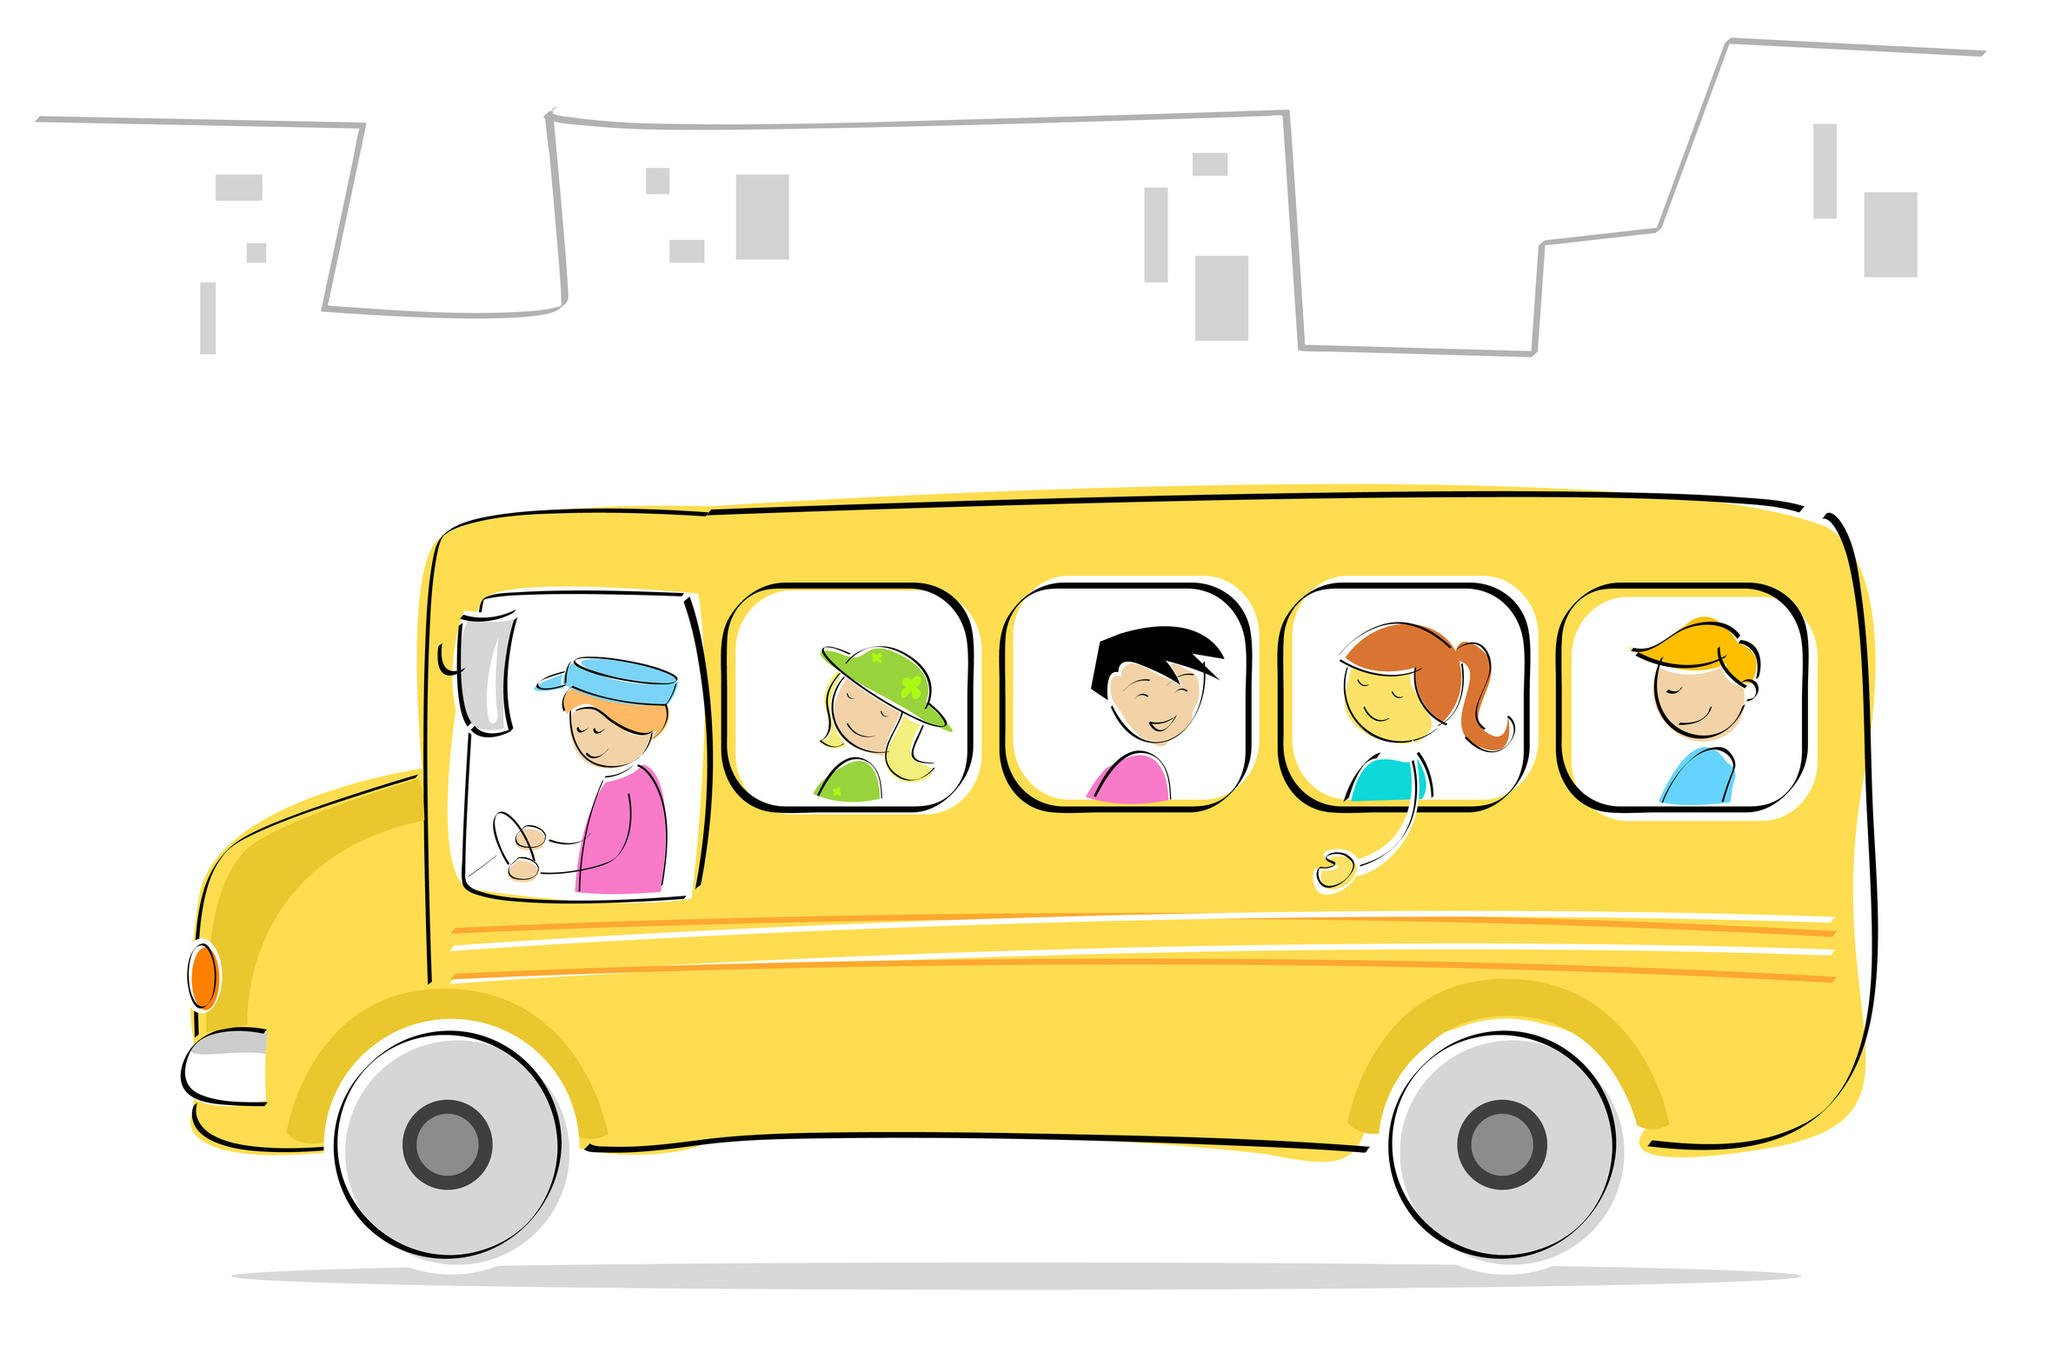 картинка автобус с флажками едет по улице враги счастья